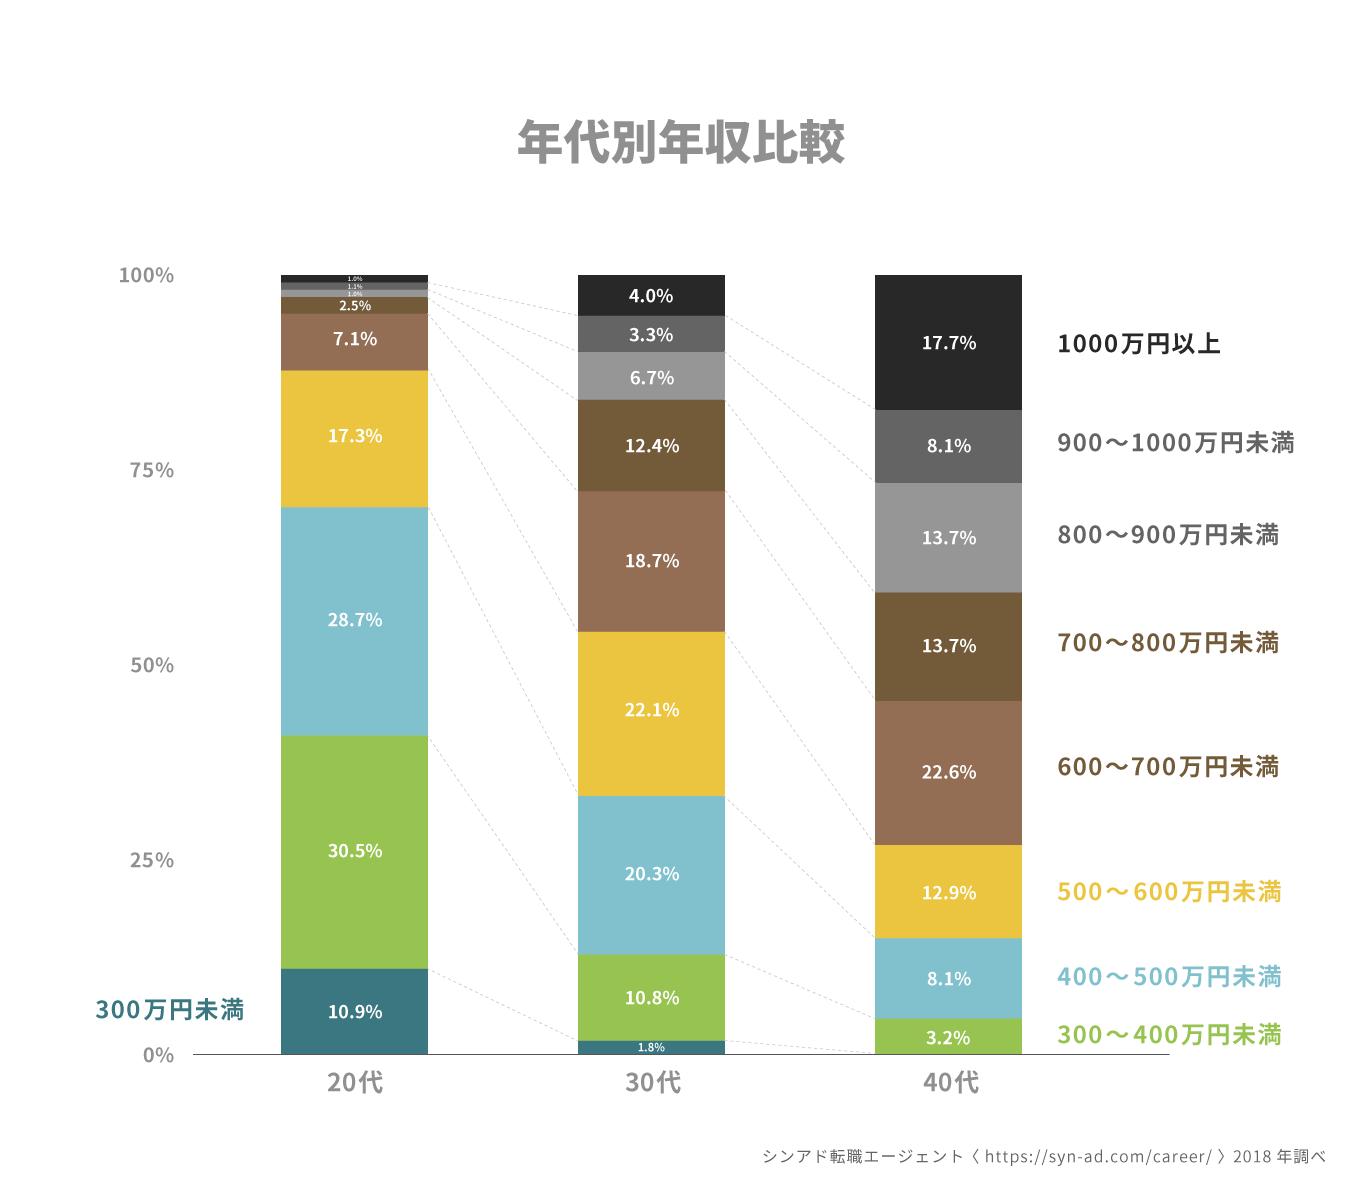 シンアド転職エージェント登録者の年代別年収比較表